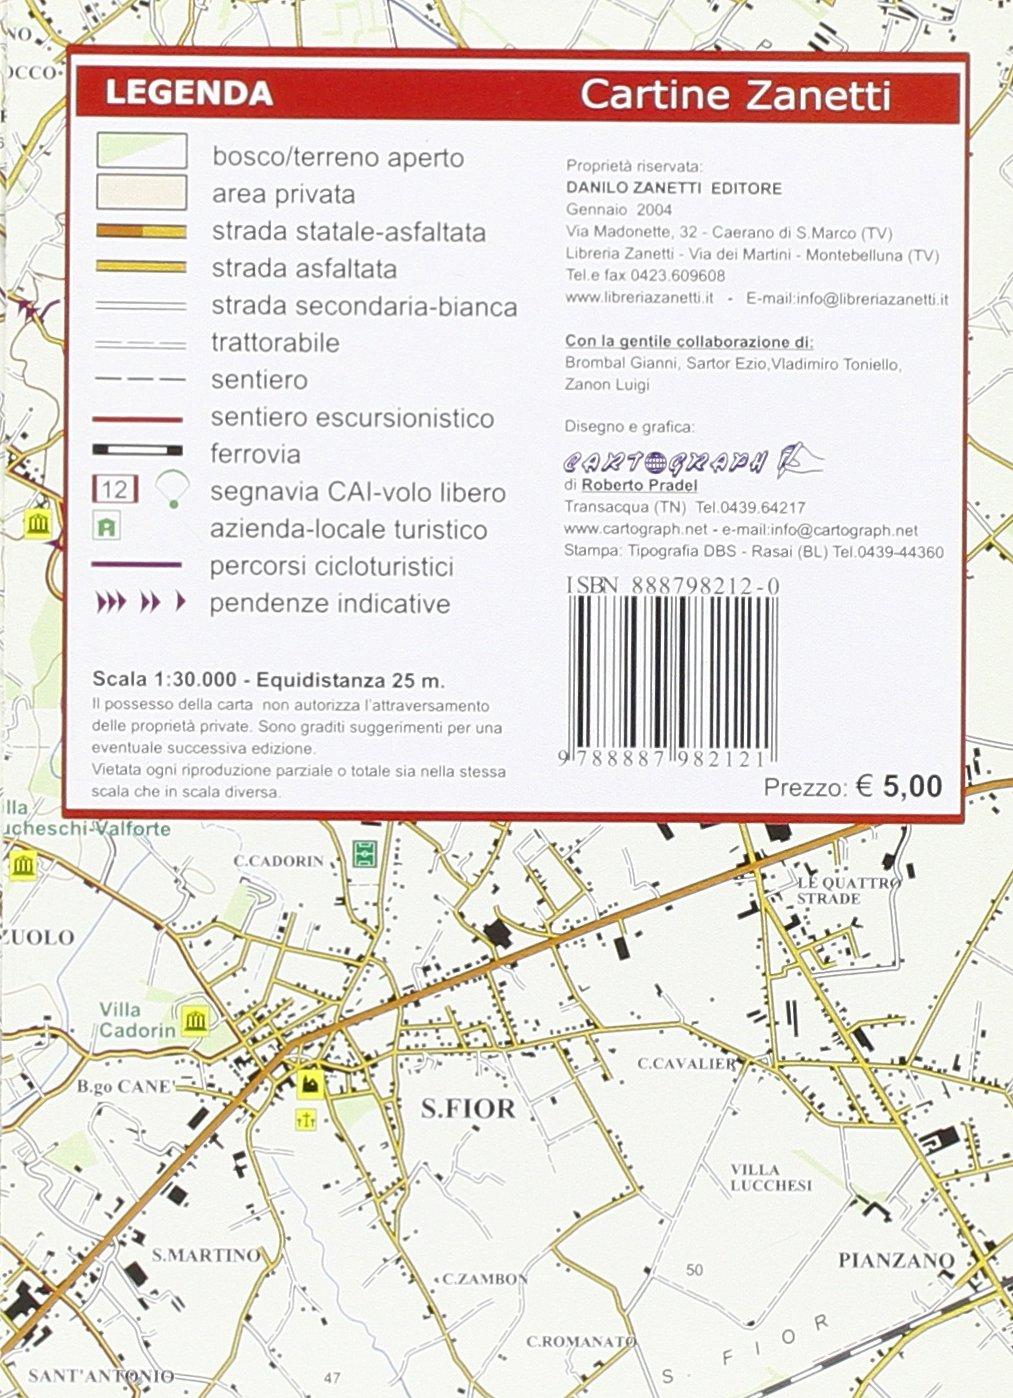 Conegliano, S. Lucia di Piave, S. Polo di Piave, Codognè 1:30.000 ...